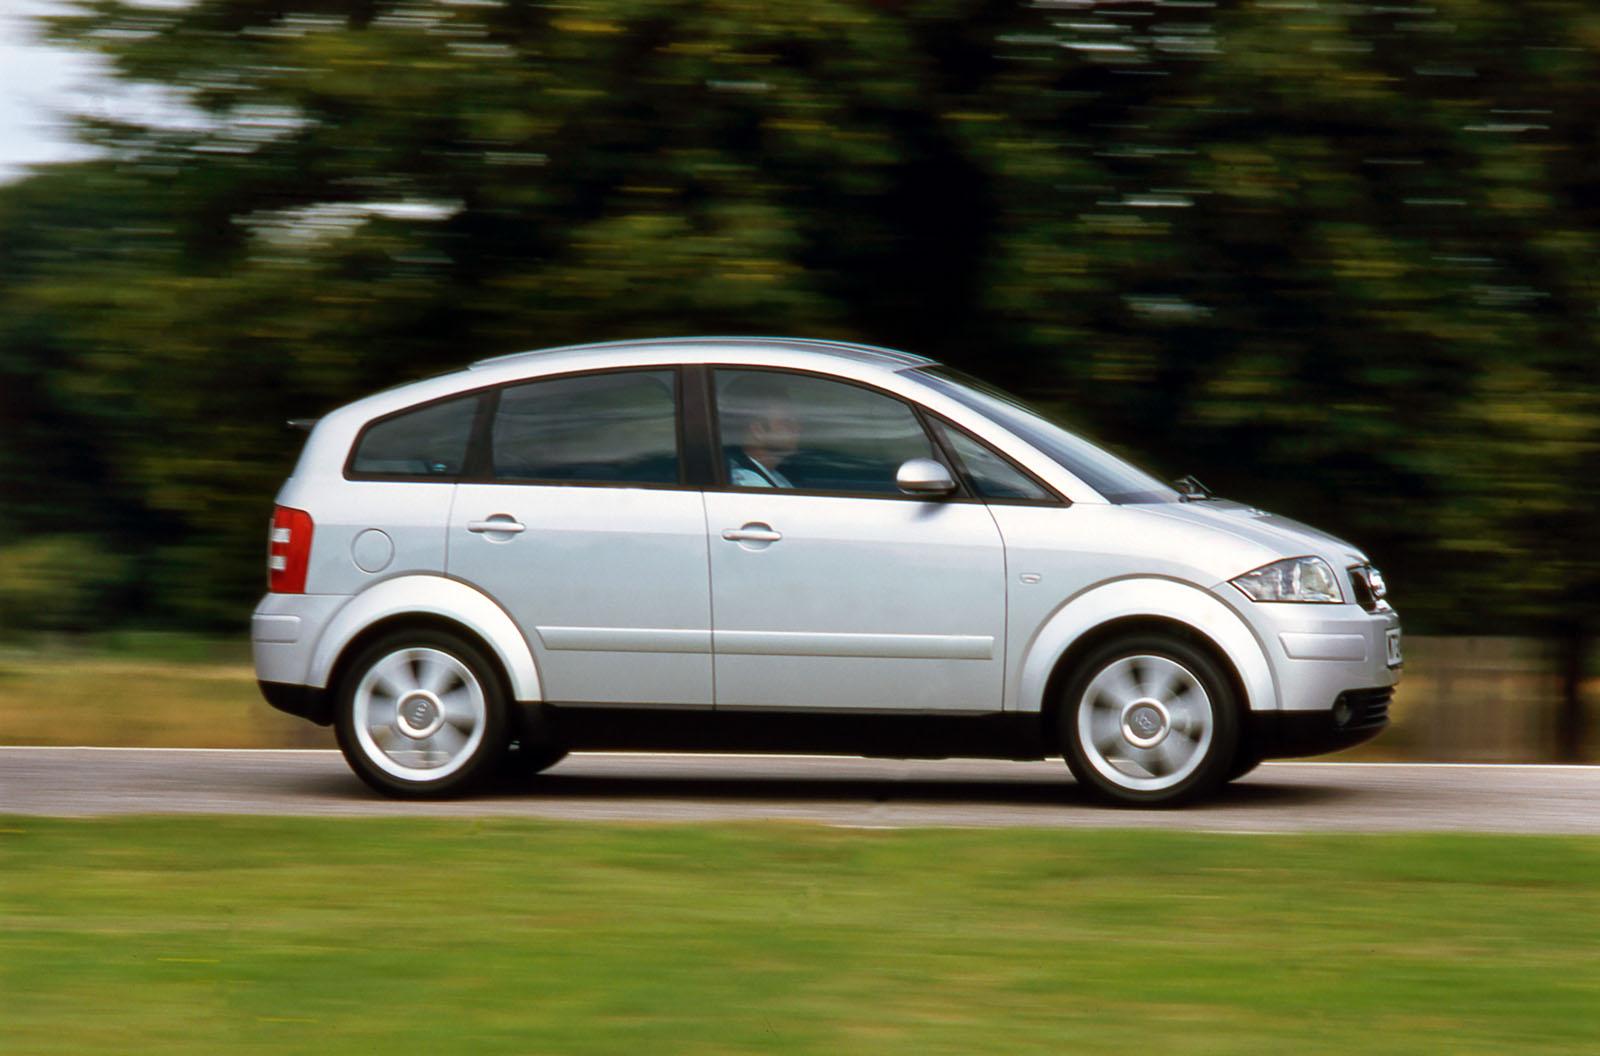 Kelebihan Kekurangan Audi A2 Perbandingan Harga